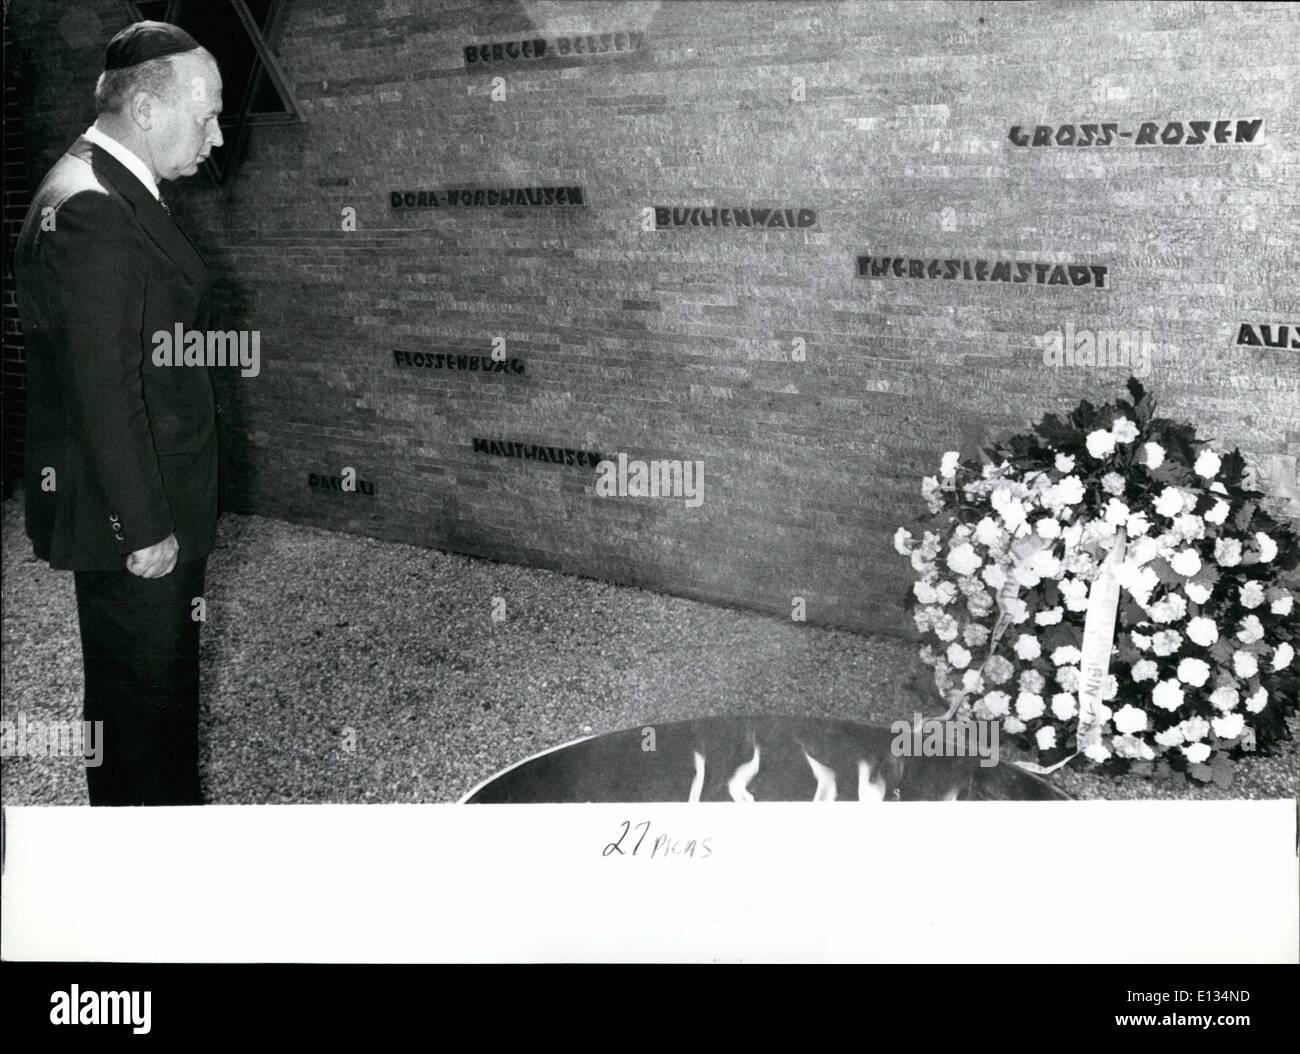 Le 26 février 2012 - Le Premier Ministre d'Israël visite la République fédérale d'Allemagne: Pour la première fois un Premier Ministre israélien a effectué une visite à la République fédérale d'Allemagne, le Premier Ministre Itzchak Rabin est arrivé à Berlin ouest le mardi et s'envoleront à Bonn le mercredi. Il y aura des entretiens avec le chancelier Helmut Schmidt, et M. Henry Kissinger. Avant que le Premier Ministre Rabin est arrivé à l'ouest de Berlin, il a visité l'ancien camp de concentration de Bergen-Belsen où il a commémoré les victimes du national-socialisme Photo Stock